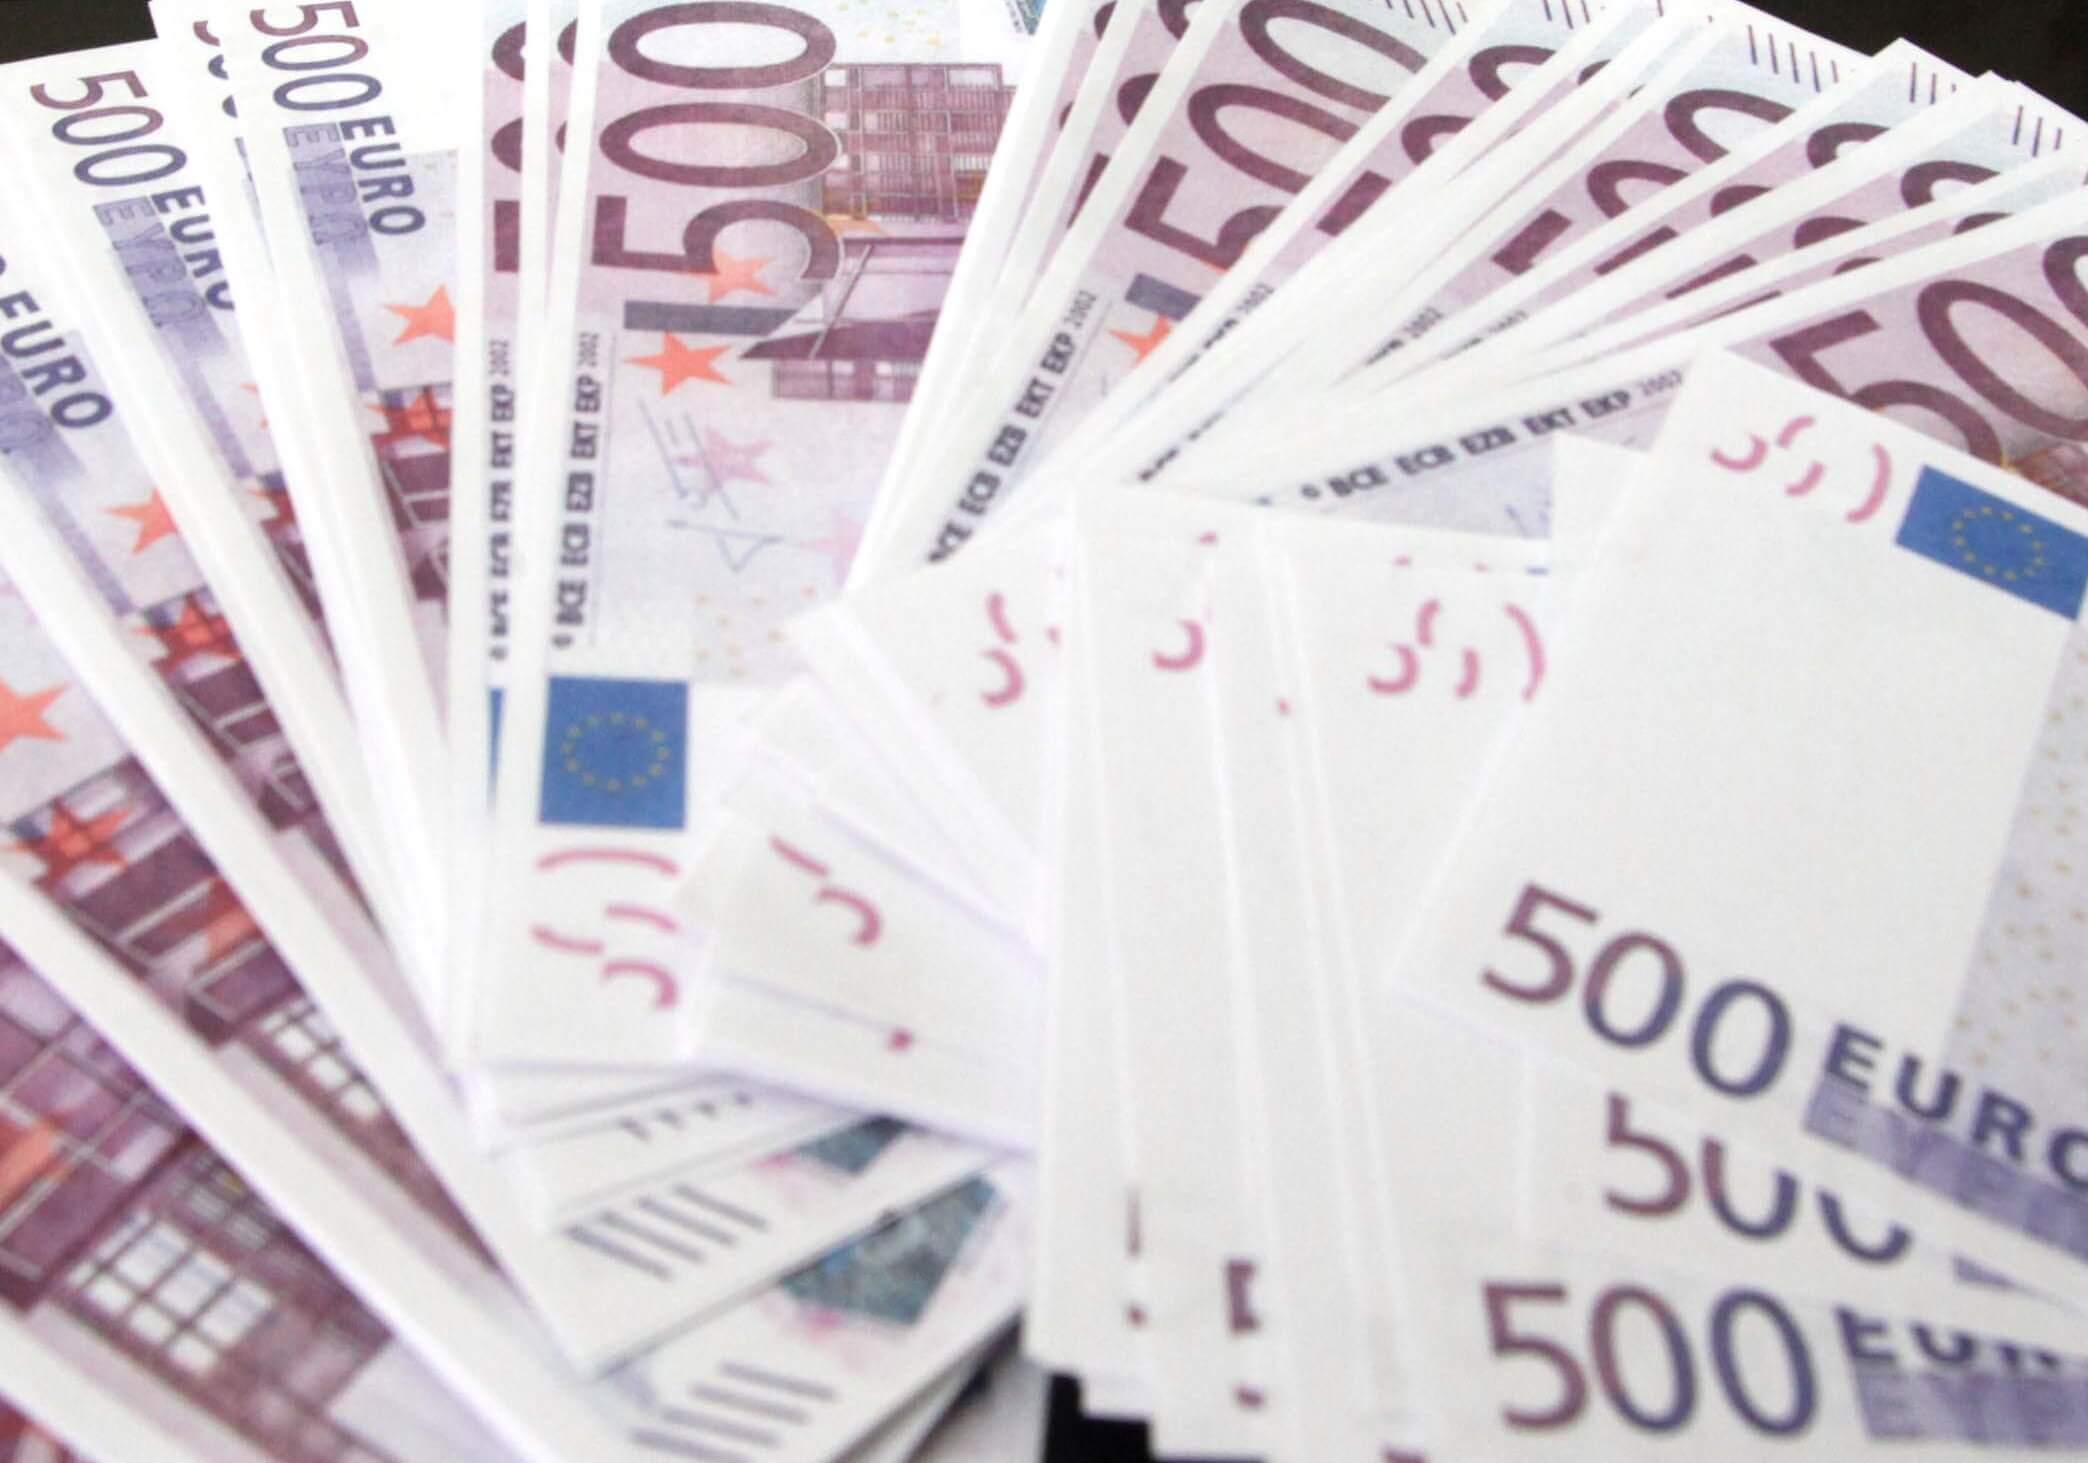 """Στα 17,4 δισ. ευρώ τα """"κόκκινα δάνεια"""" που διαχειρίζονται οι εταιρίες απαιτήσεων"""